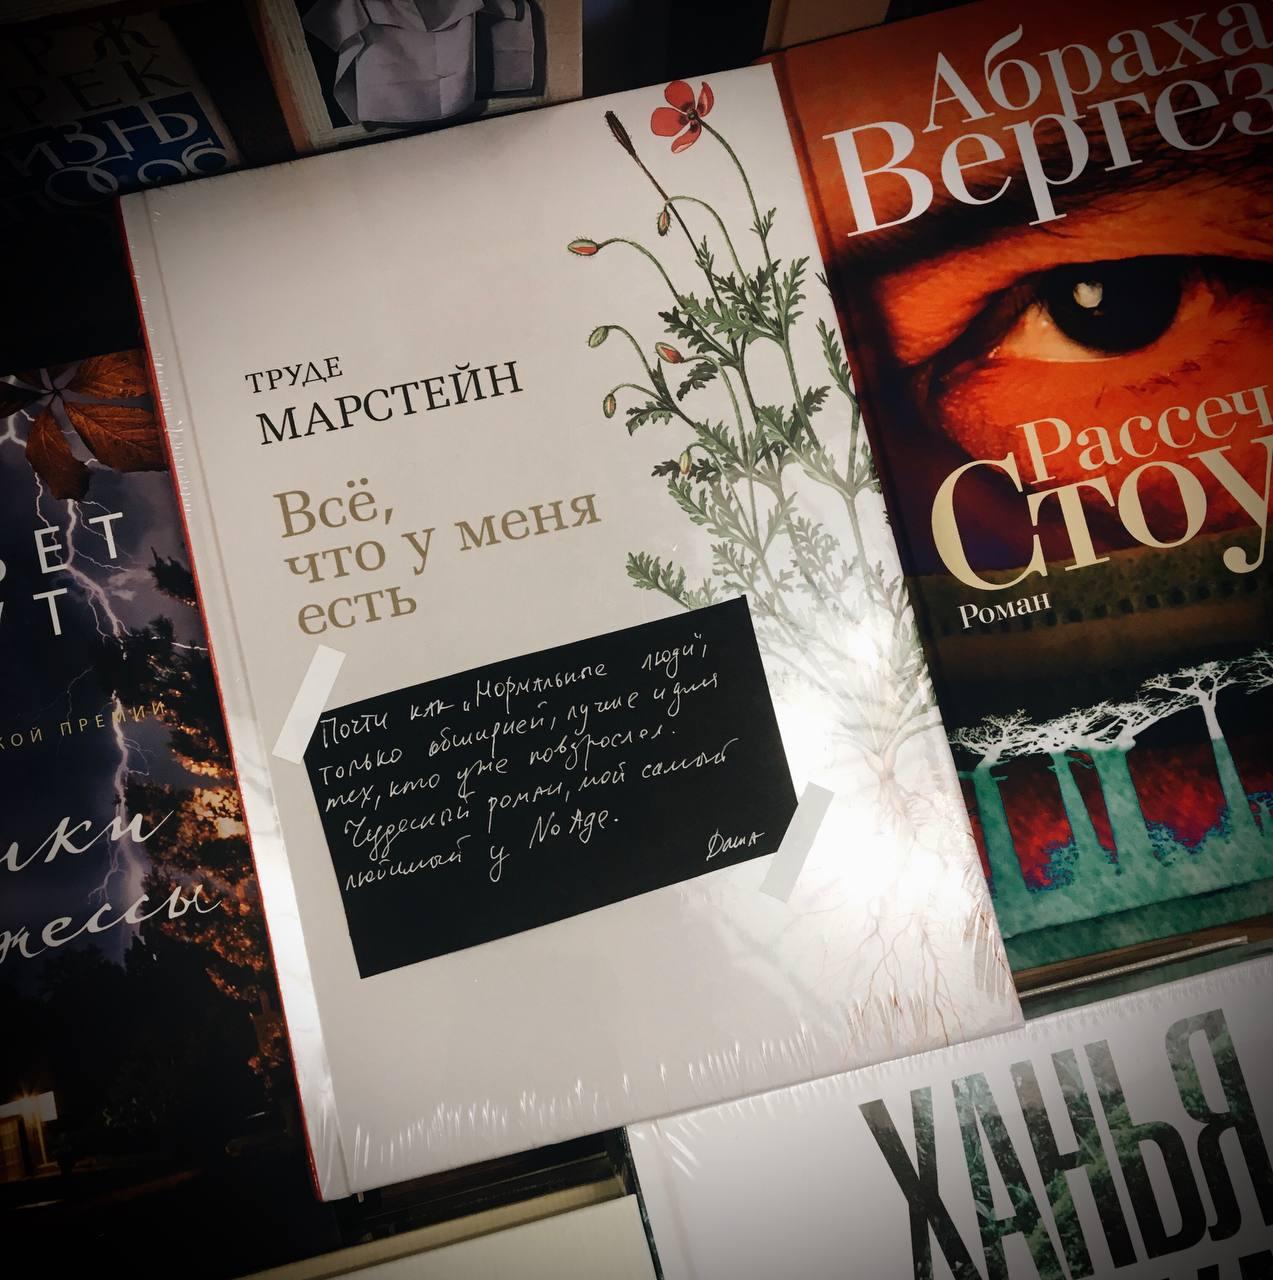 Гуляя по «Подписным изданиям», я обнаружила на книге норвежской писательницы...